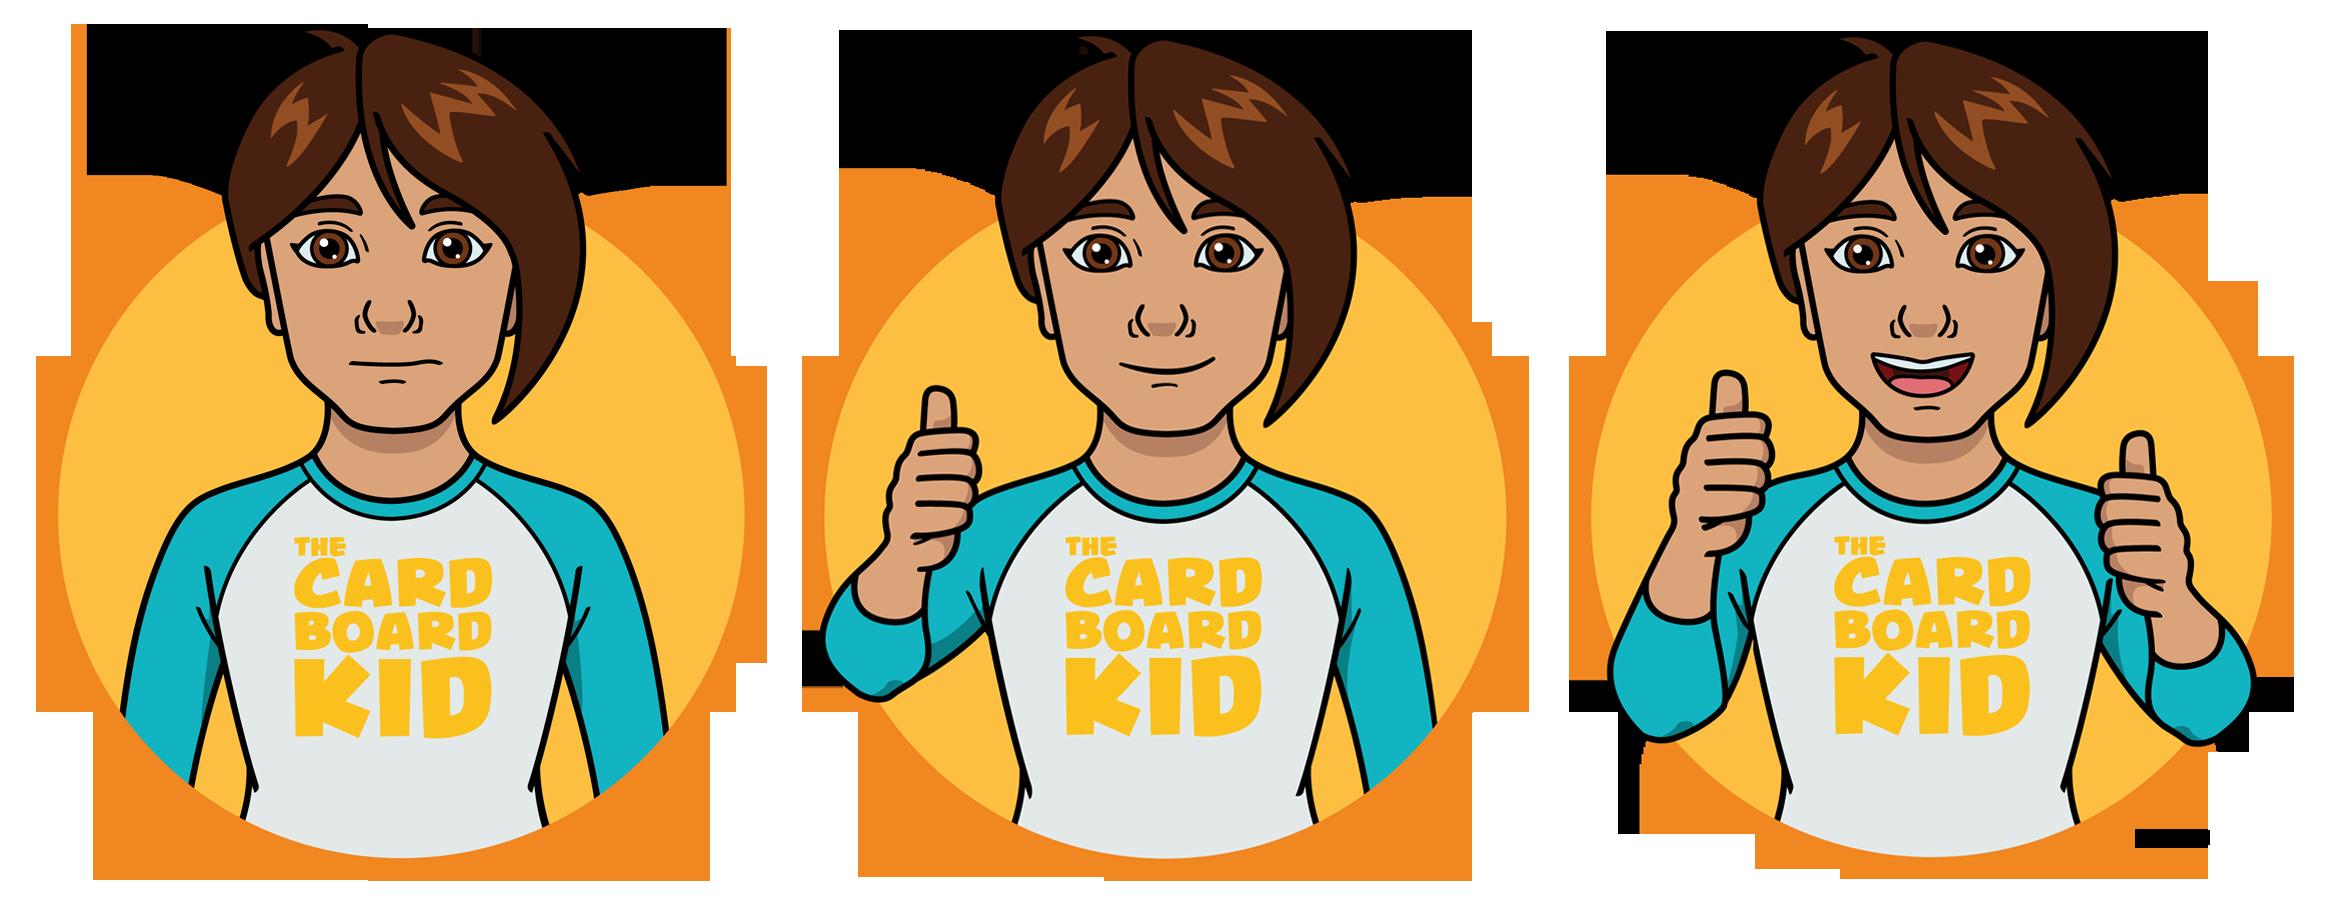 Ratings illustrations -  The Cardboard Kid